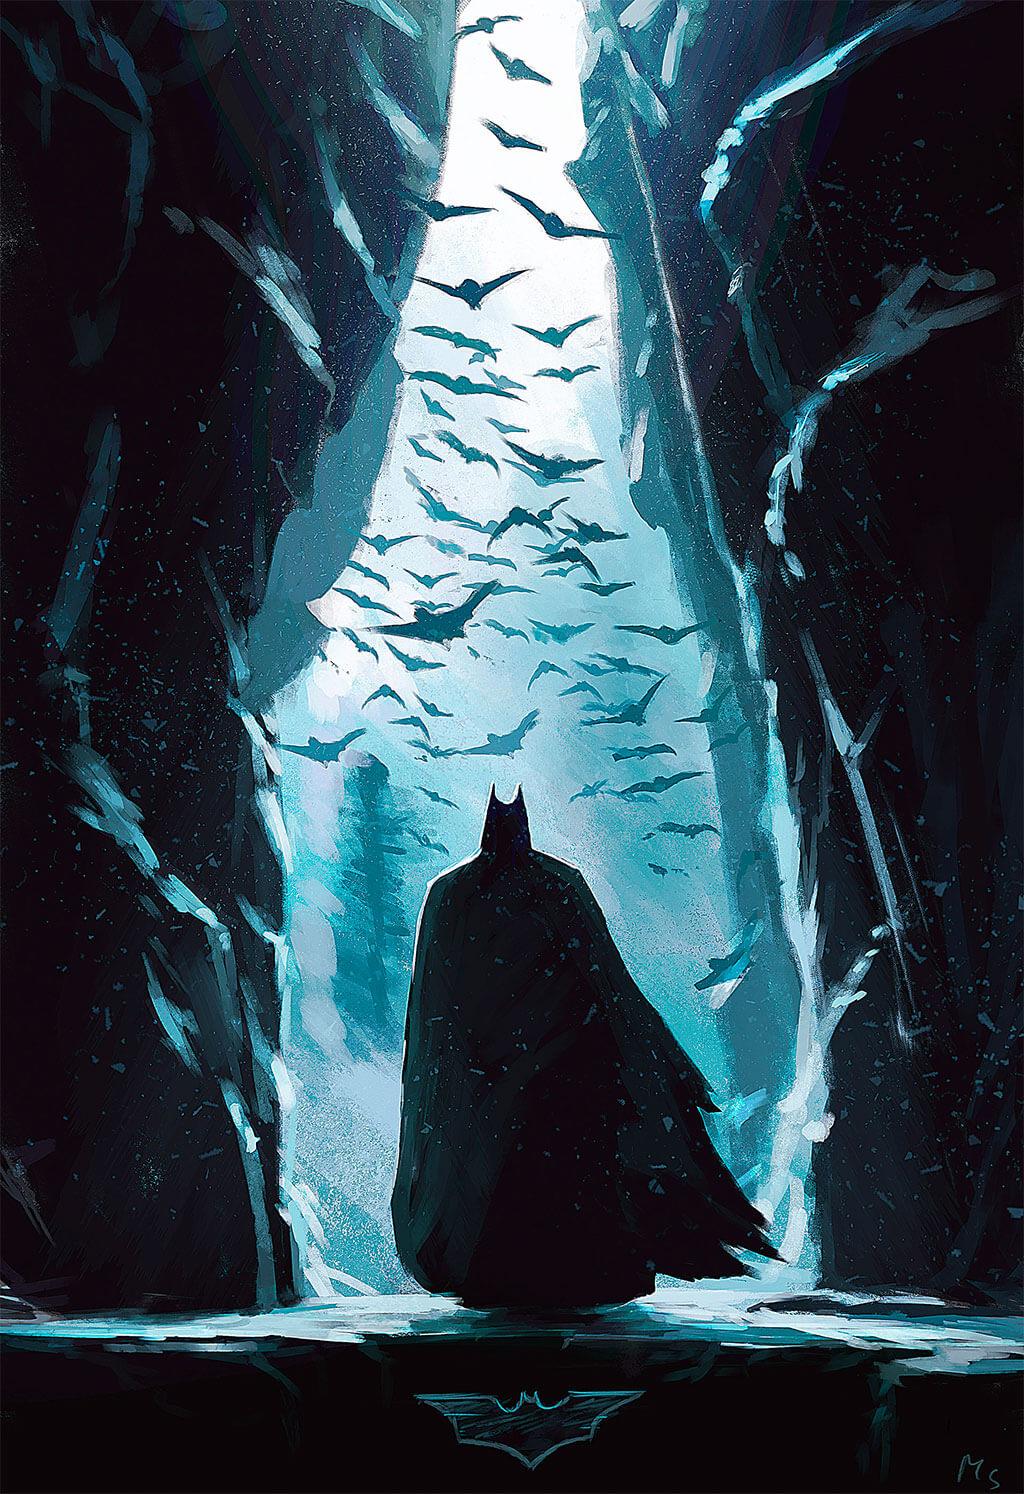 Batman Fan Art by Mathieu Seveno